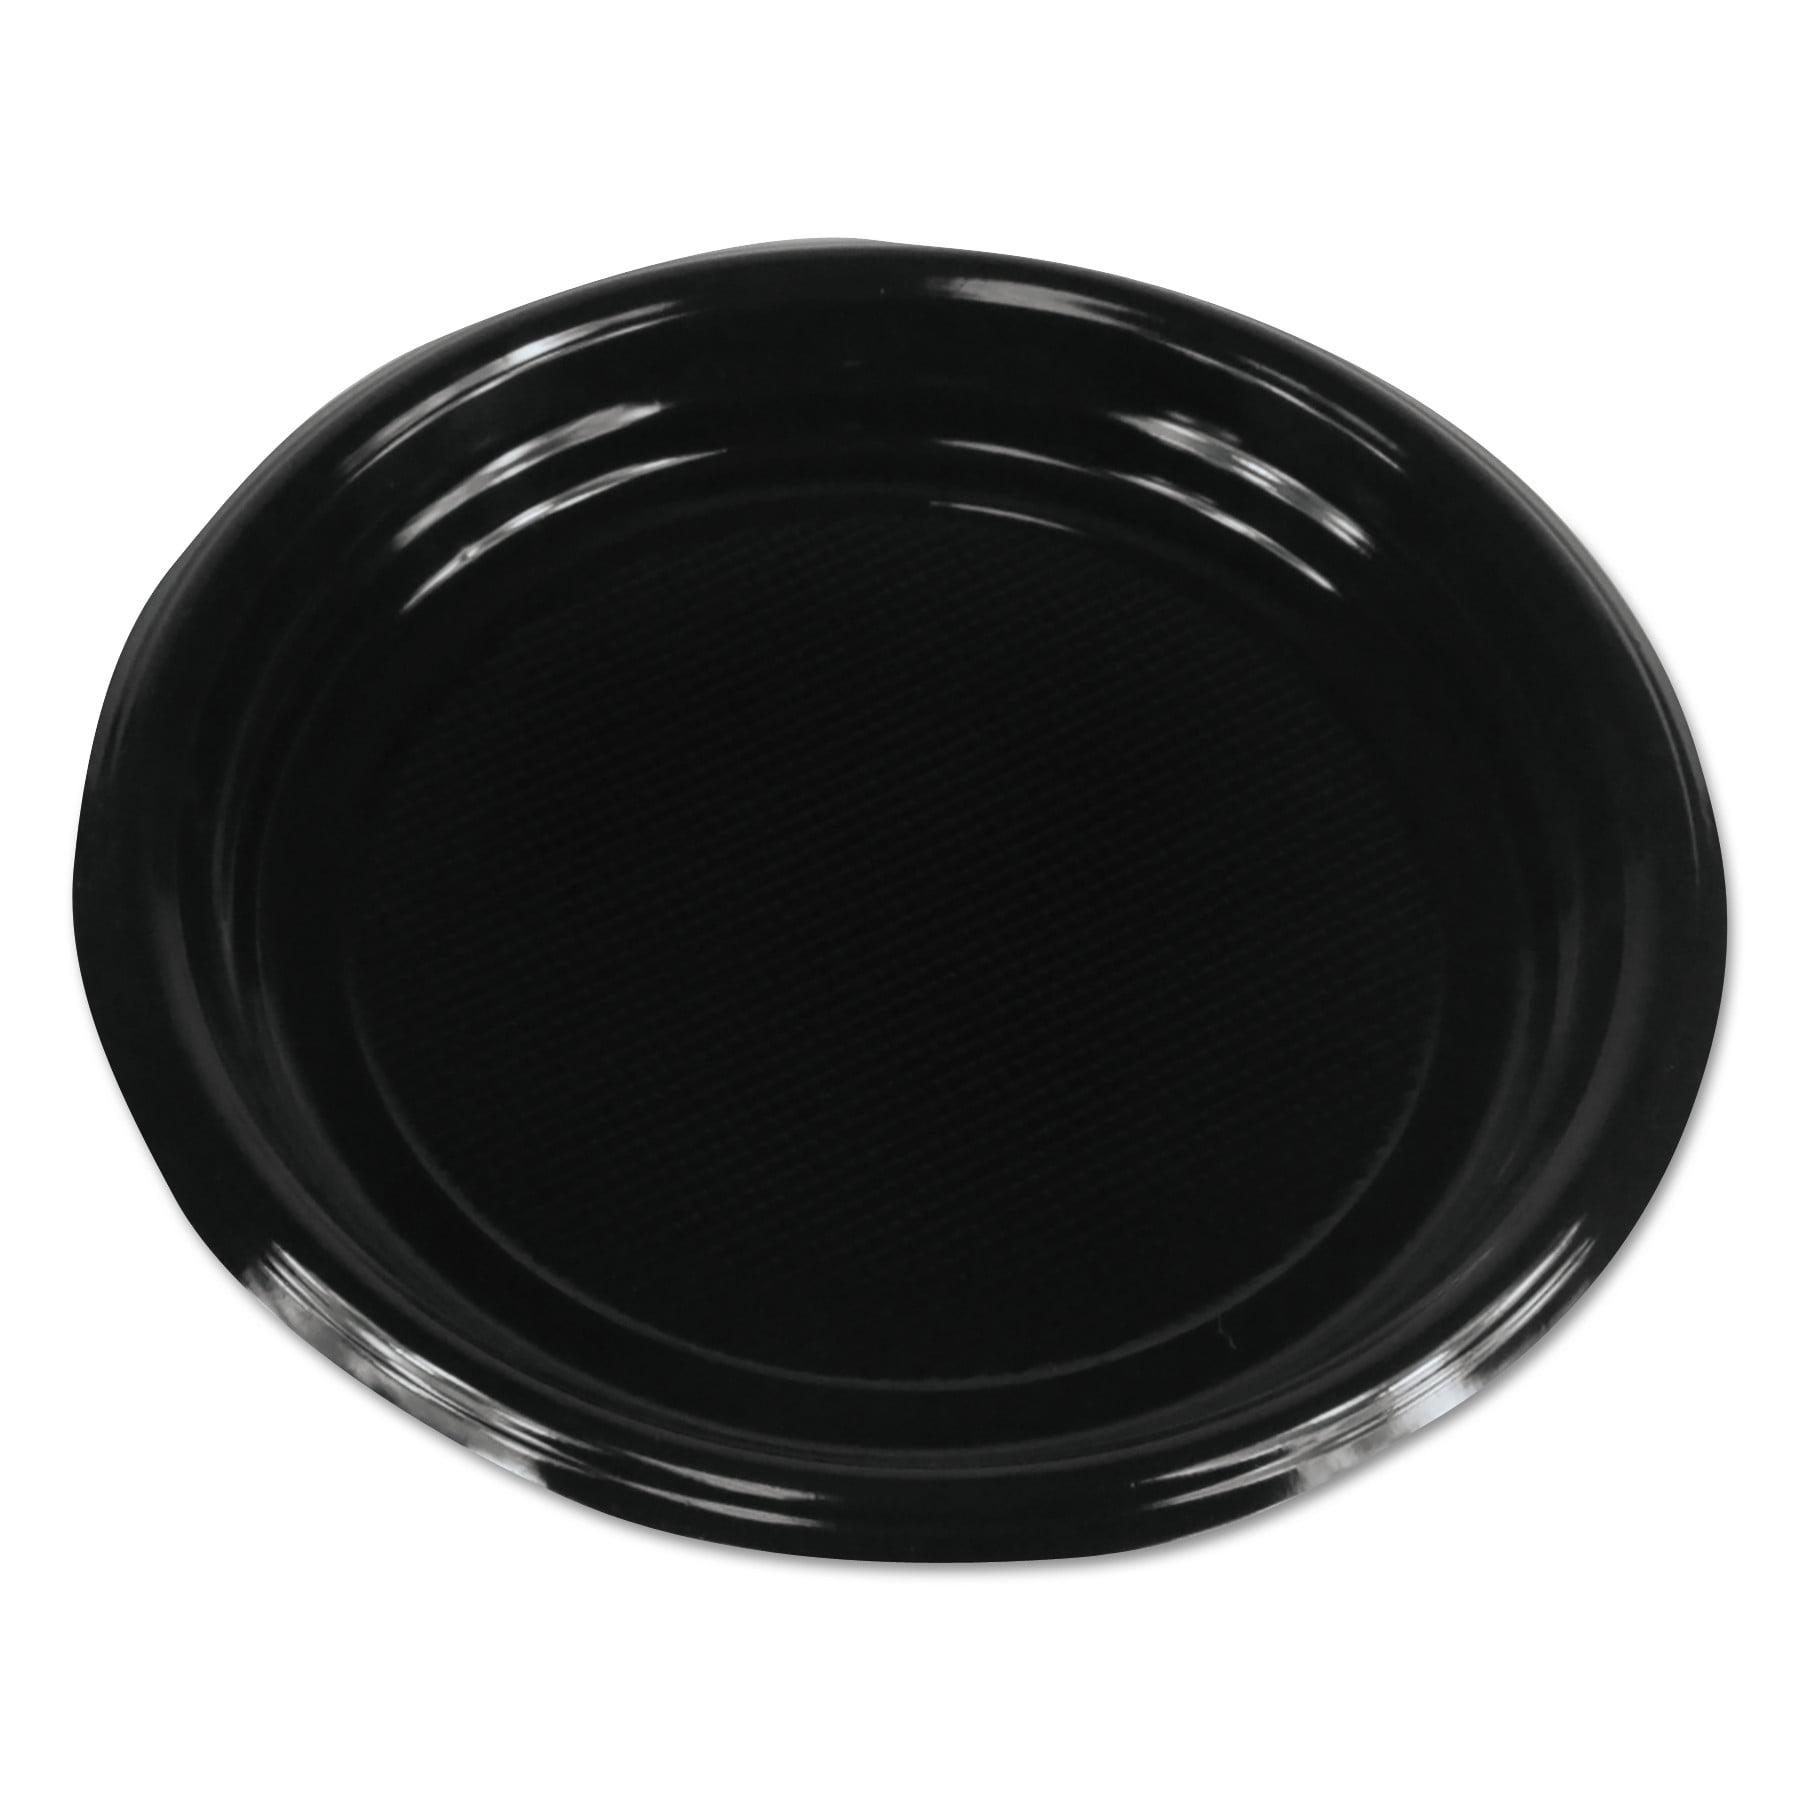 """Boardwalk Hi-Impact Plastic Dinnerware, Plate, 9"""" Diameter, Black, 500/Carton"""